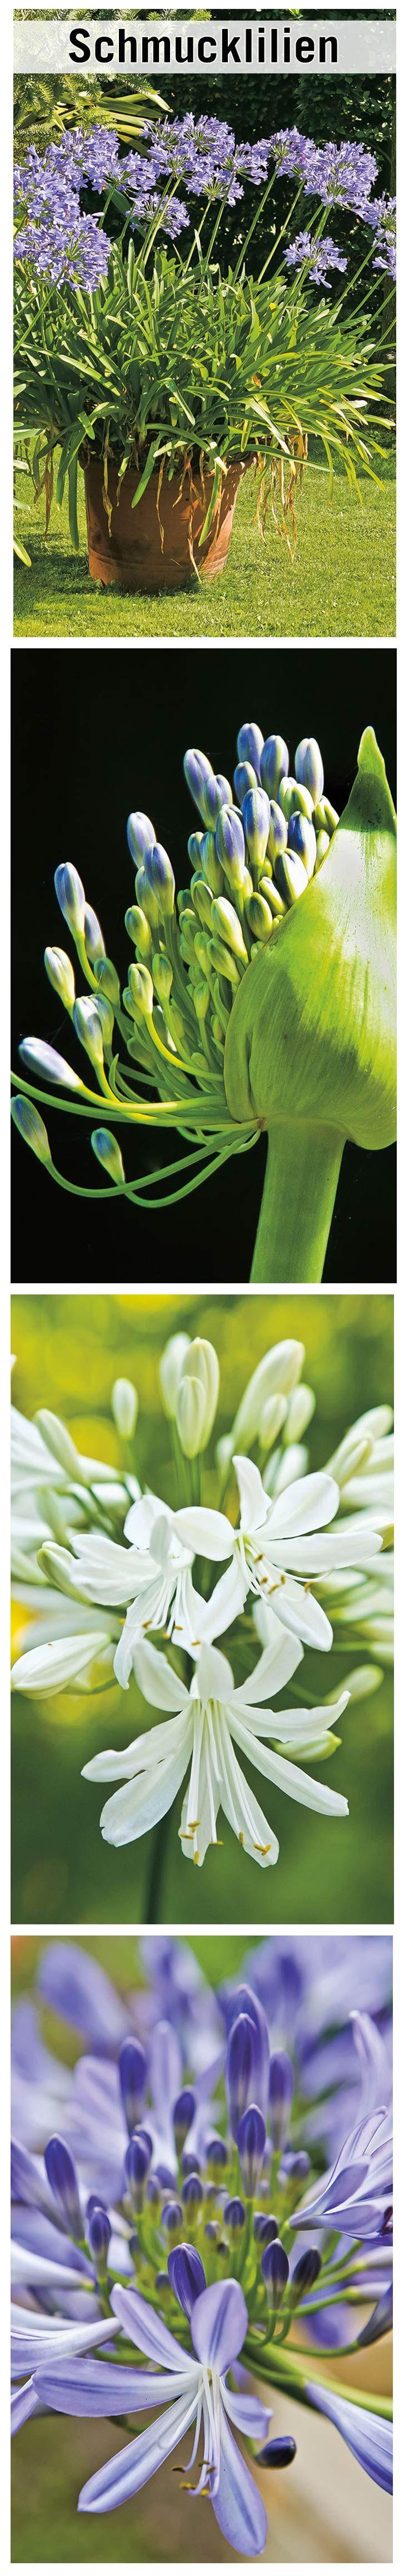 Schmucklilien sind tolle Zierpflanzen und dabei extrem unkompliziert. Wir erklären, wie sie Agapanthus kultivieren.